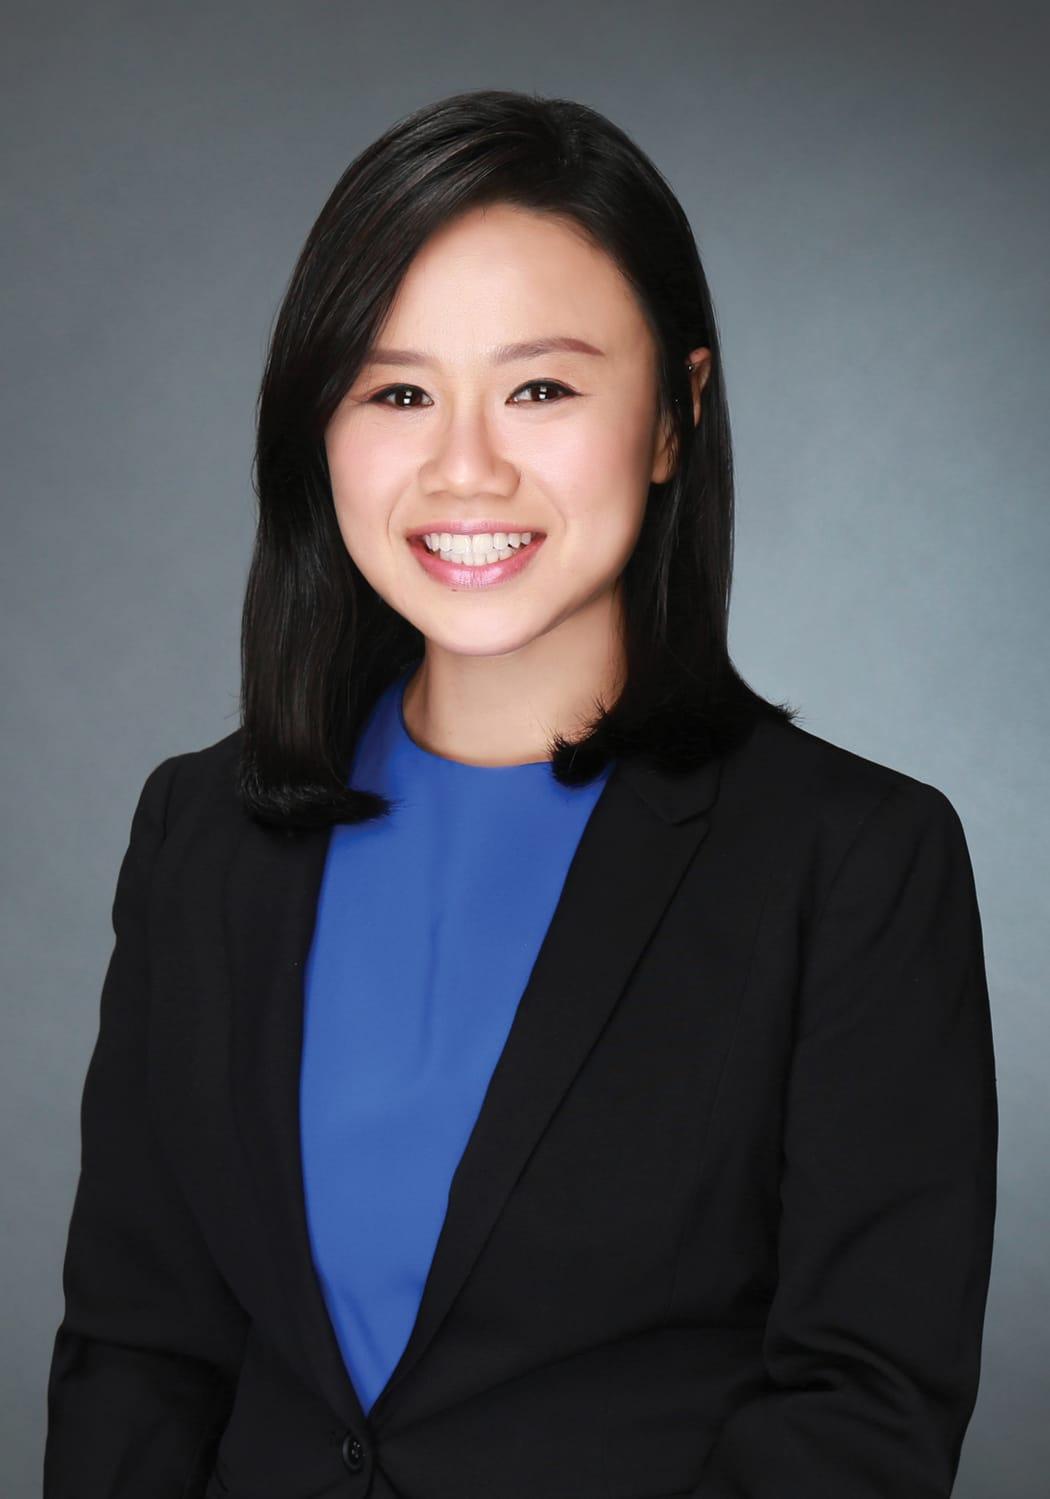 Bernice Lau